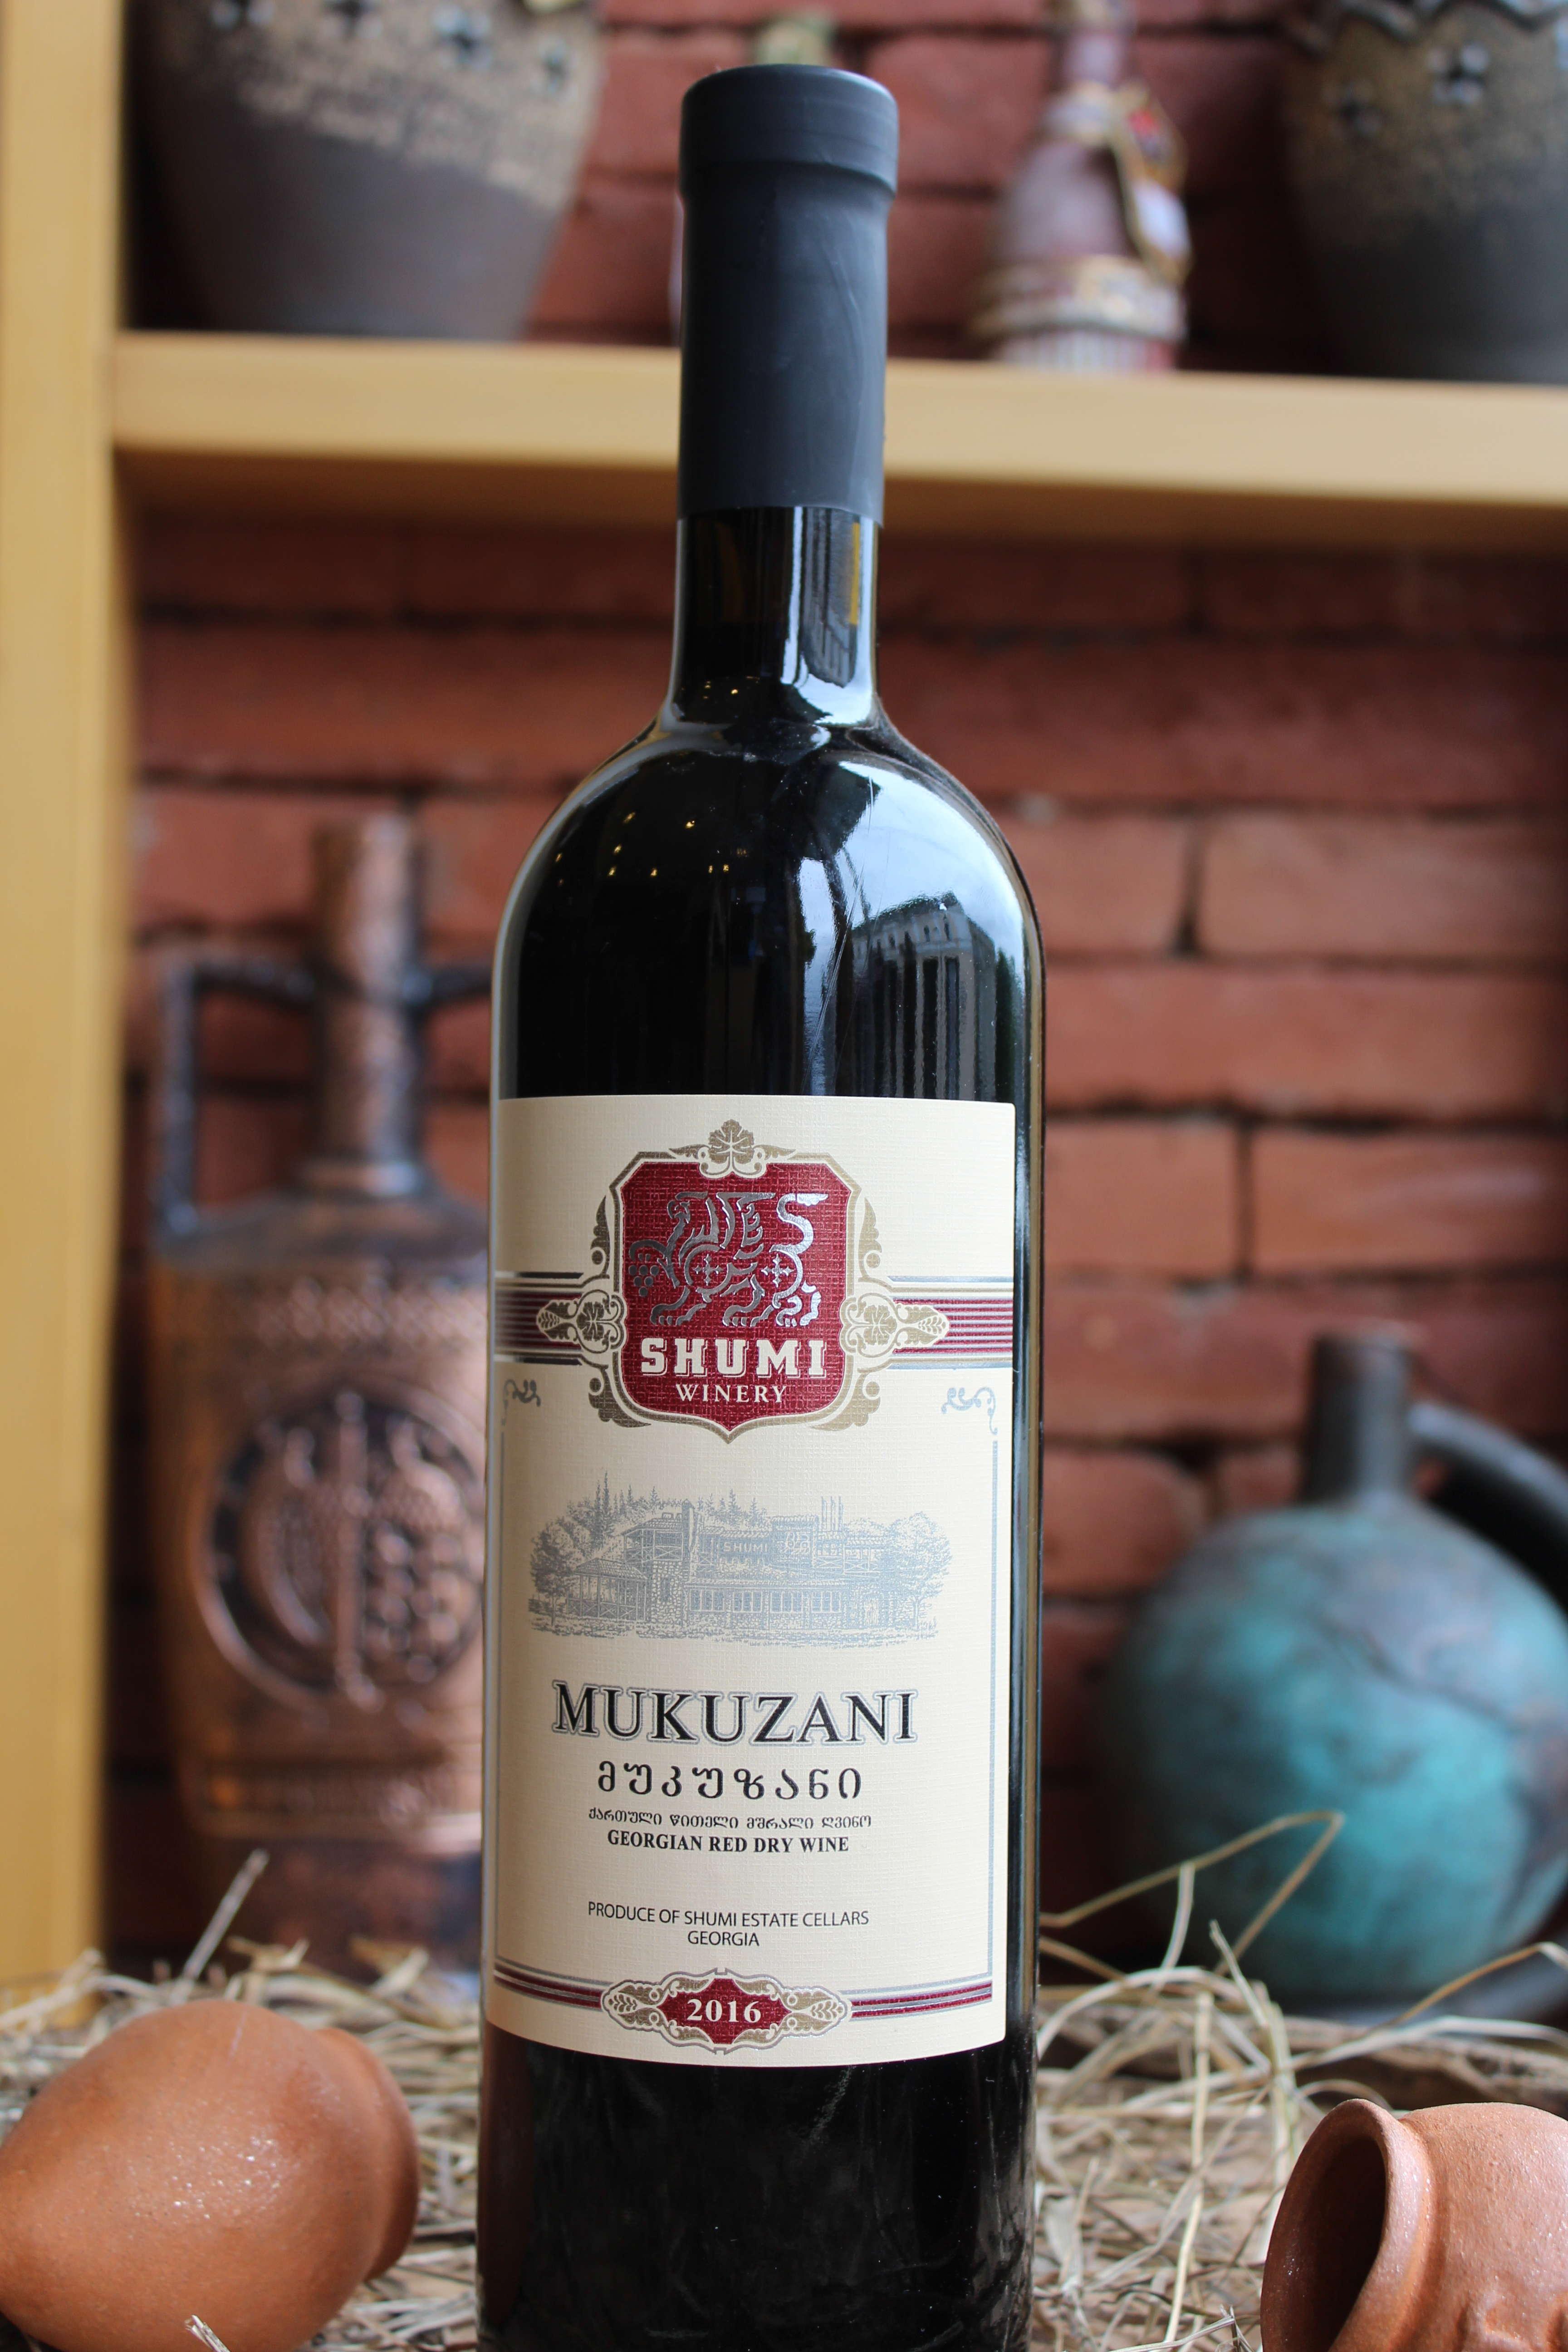 Shumi - Mukuzani